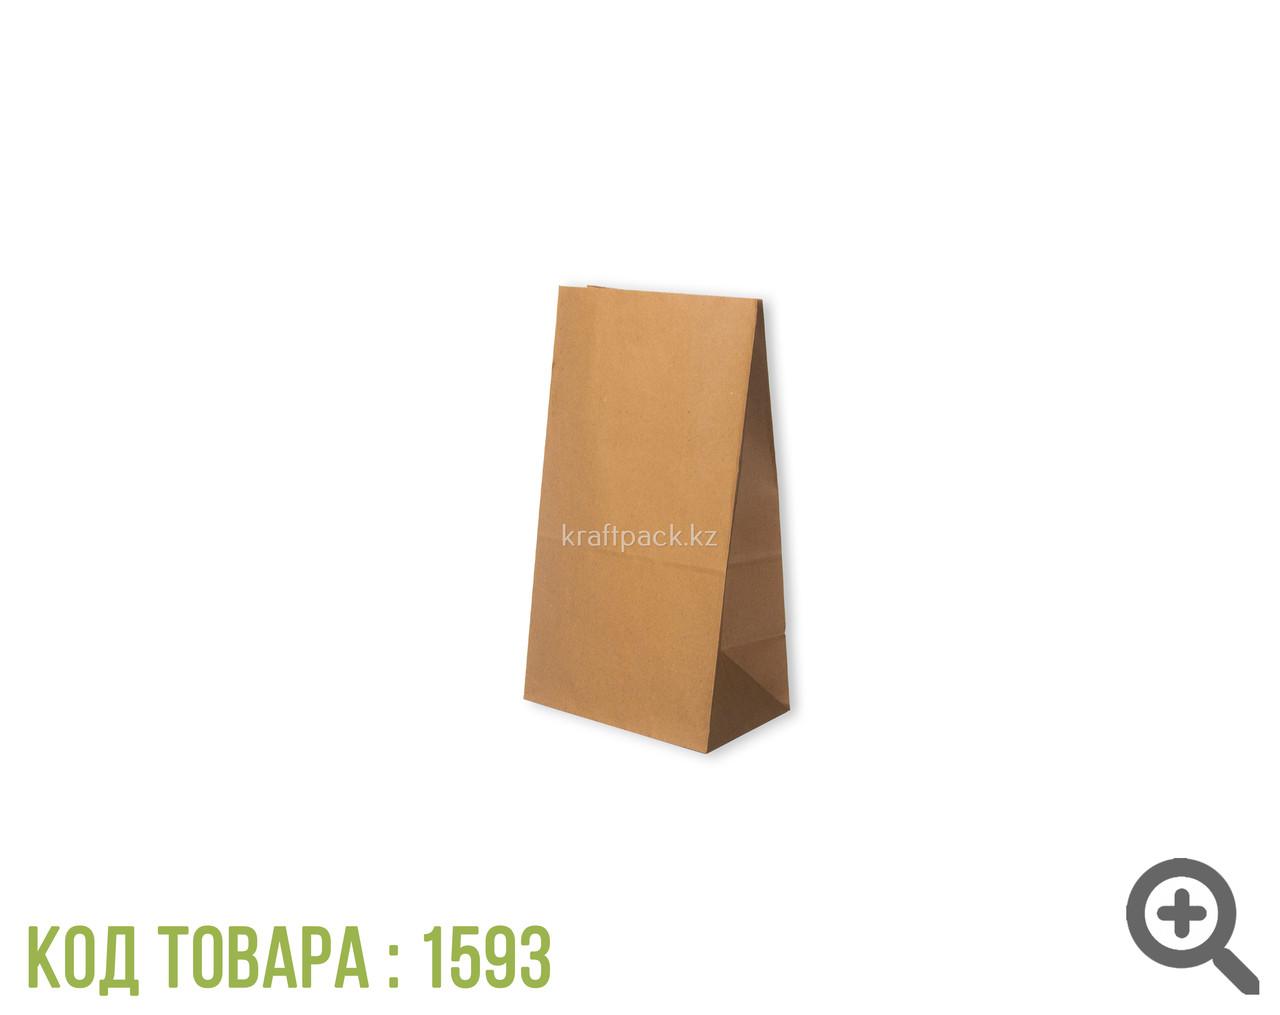 Пакет крафт 70гр, с прямоугольным дном 120*80*250 мм (500шт/уп)